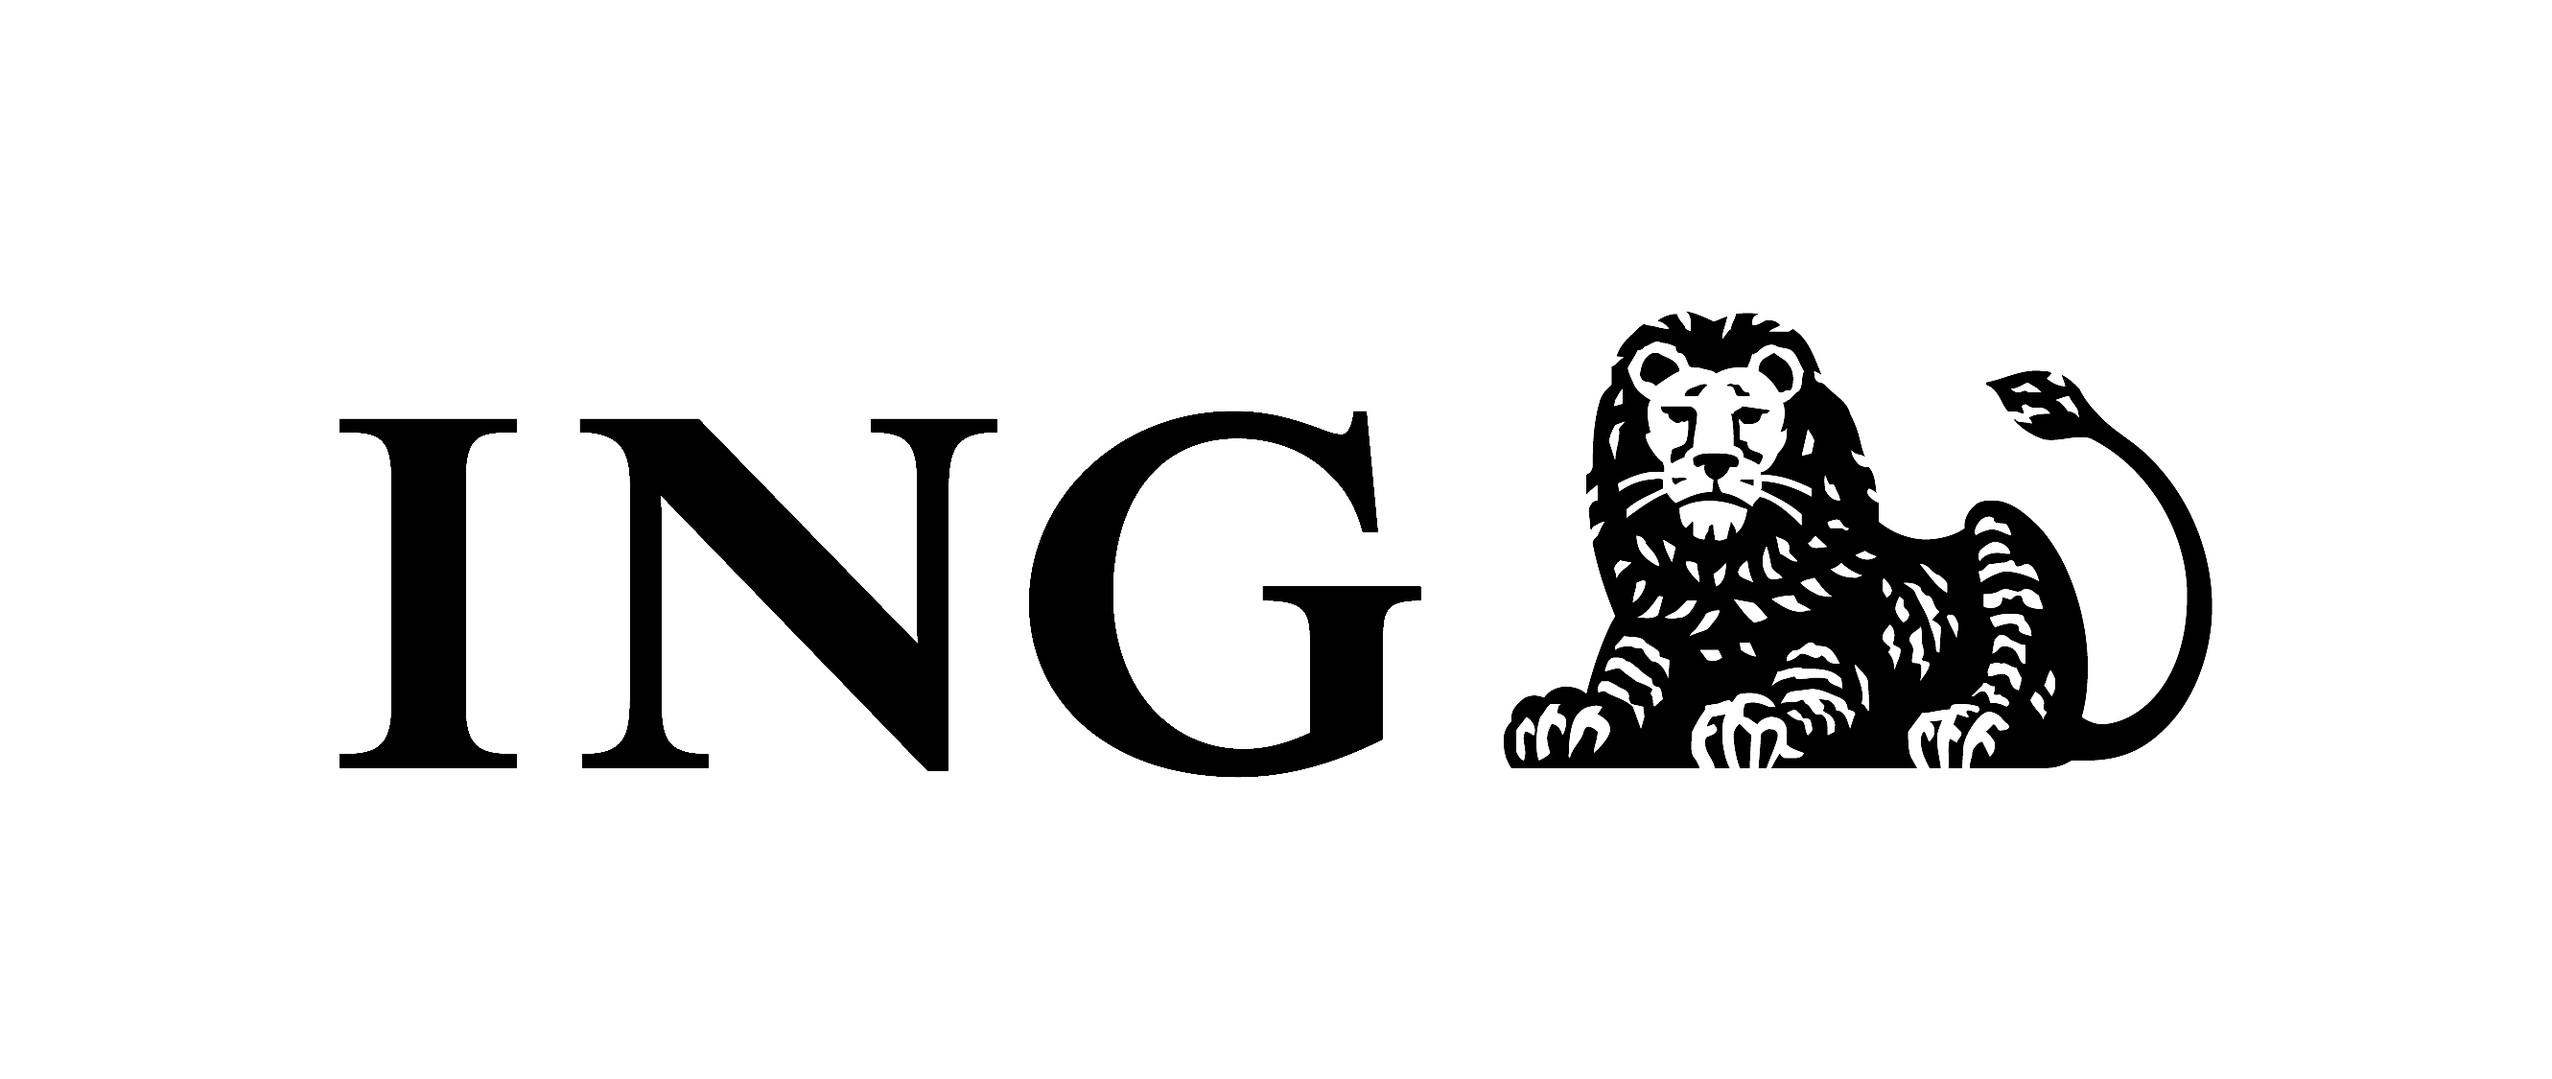 ING_logo zwart.jpg